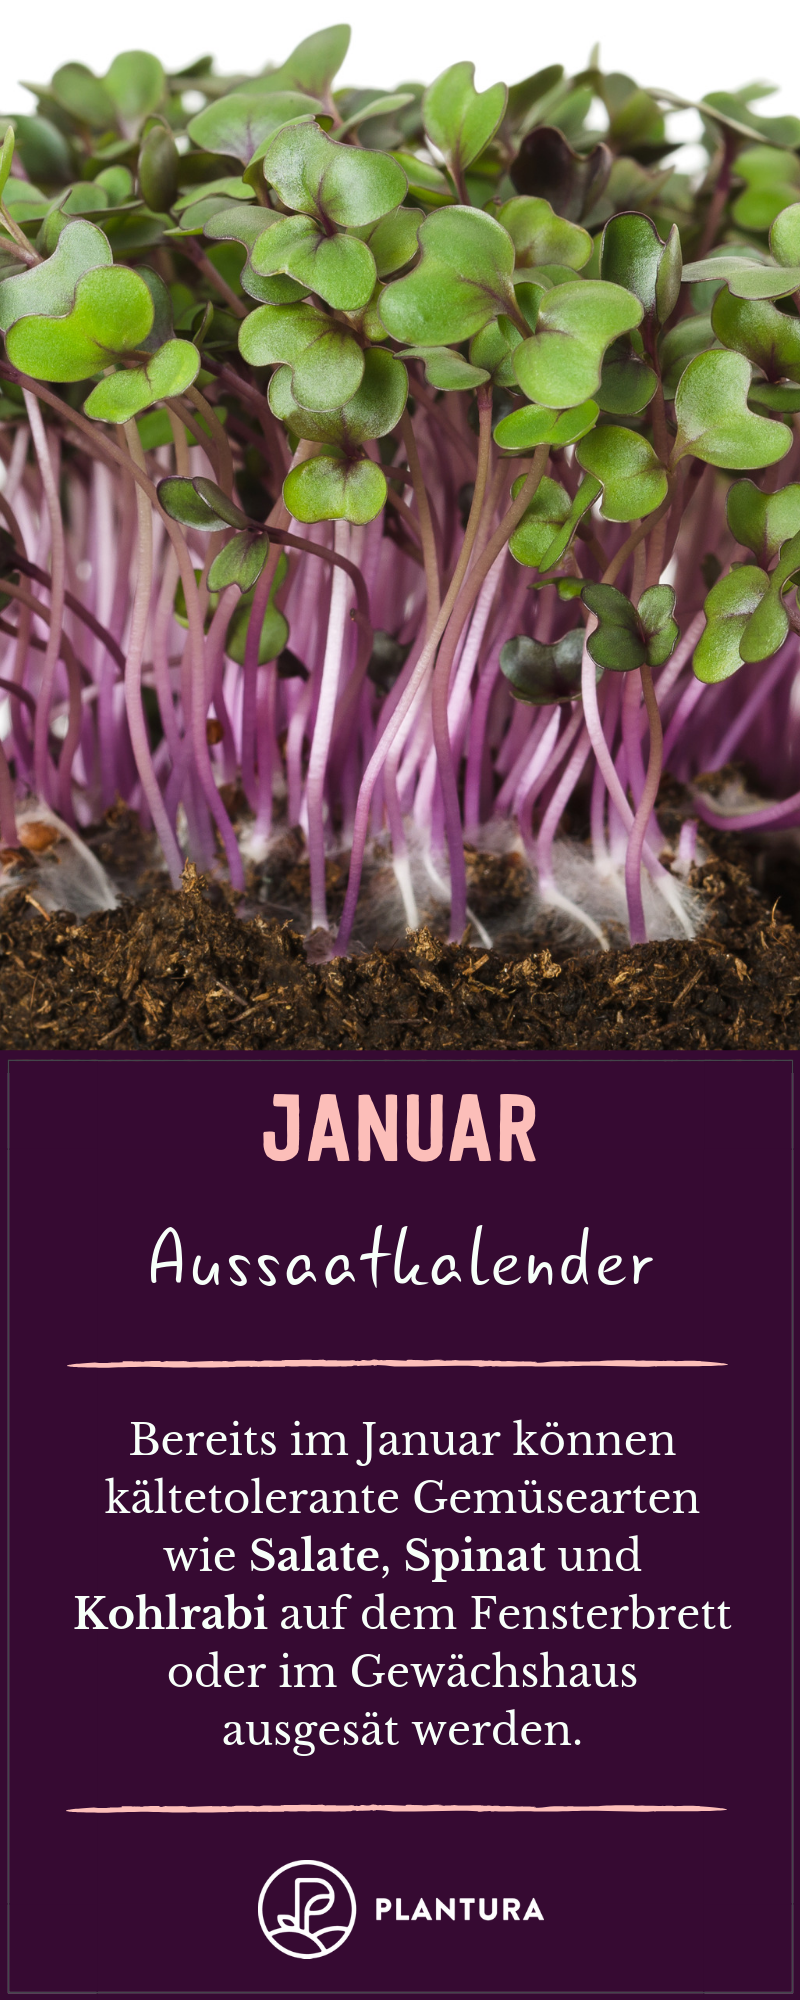 Aussaatkalender: Wann wird was ausgesät? - Plantura